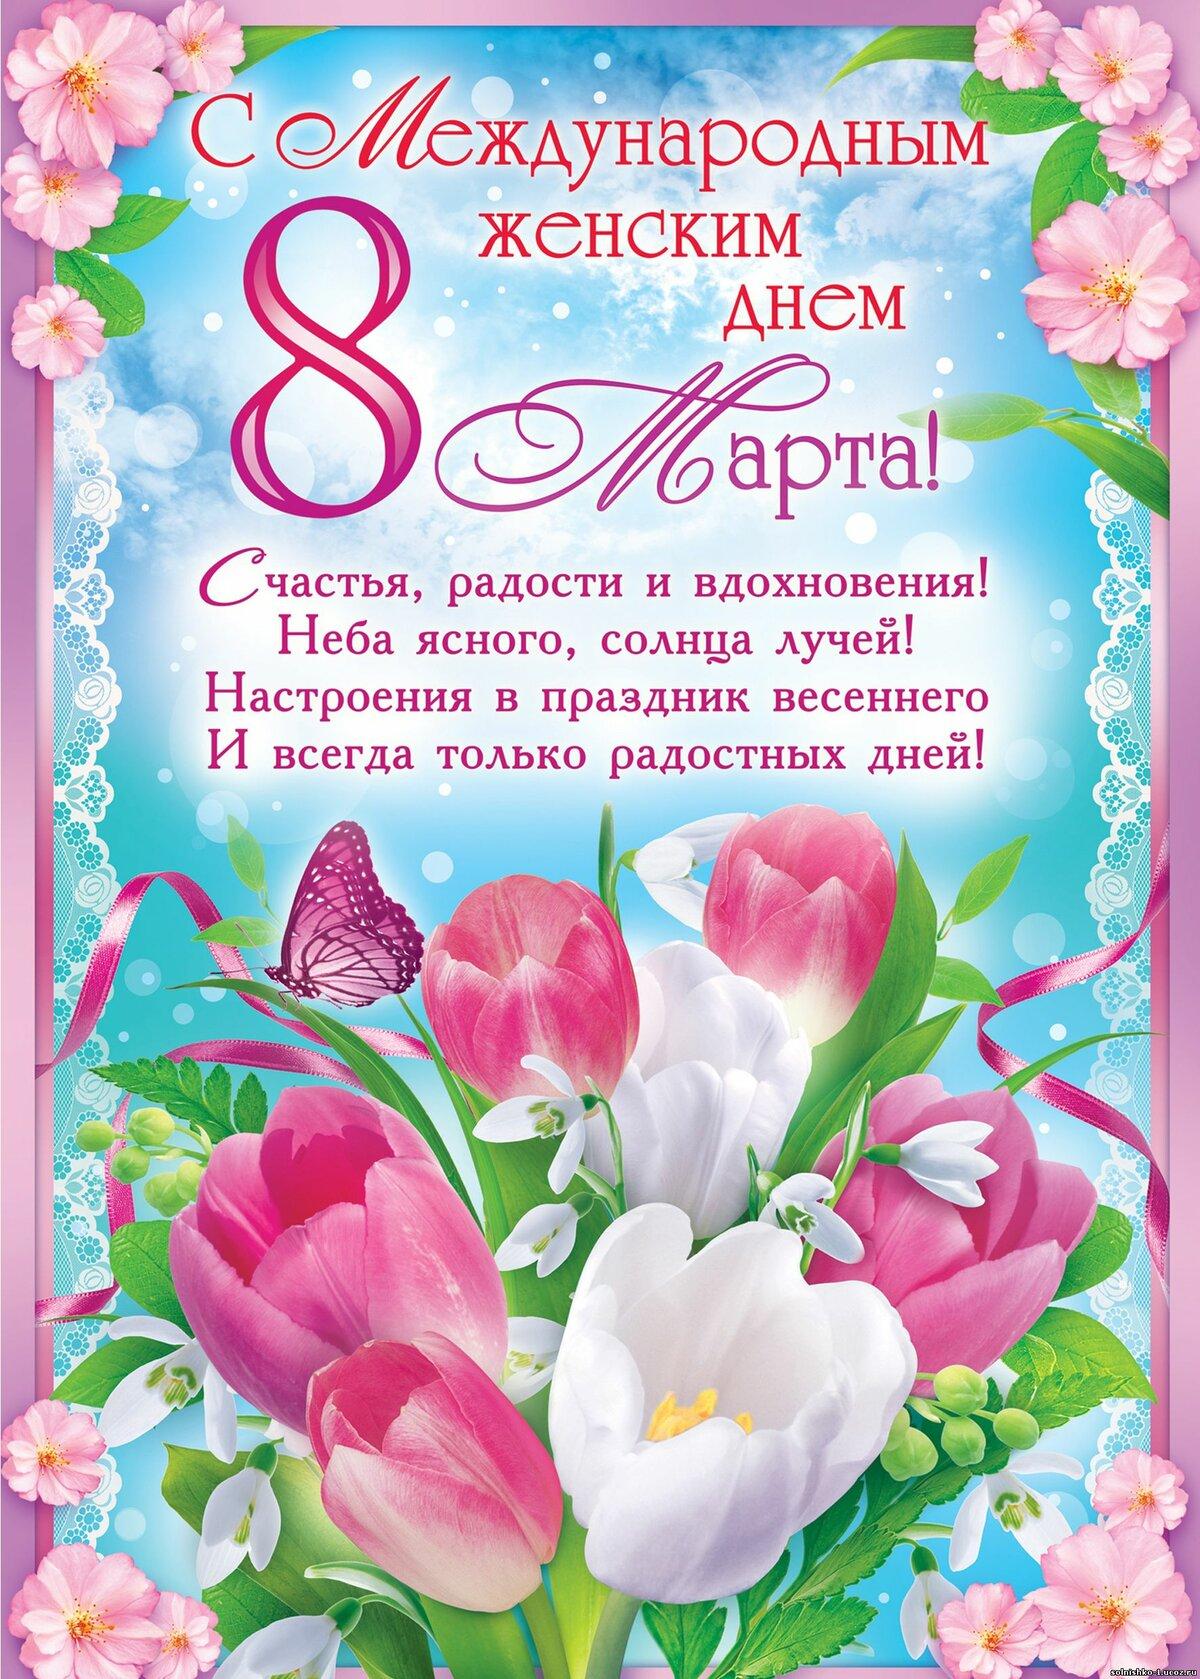 поздравление шанцева с 8 марта маслом, которые